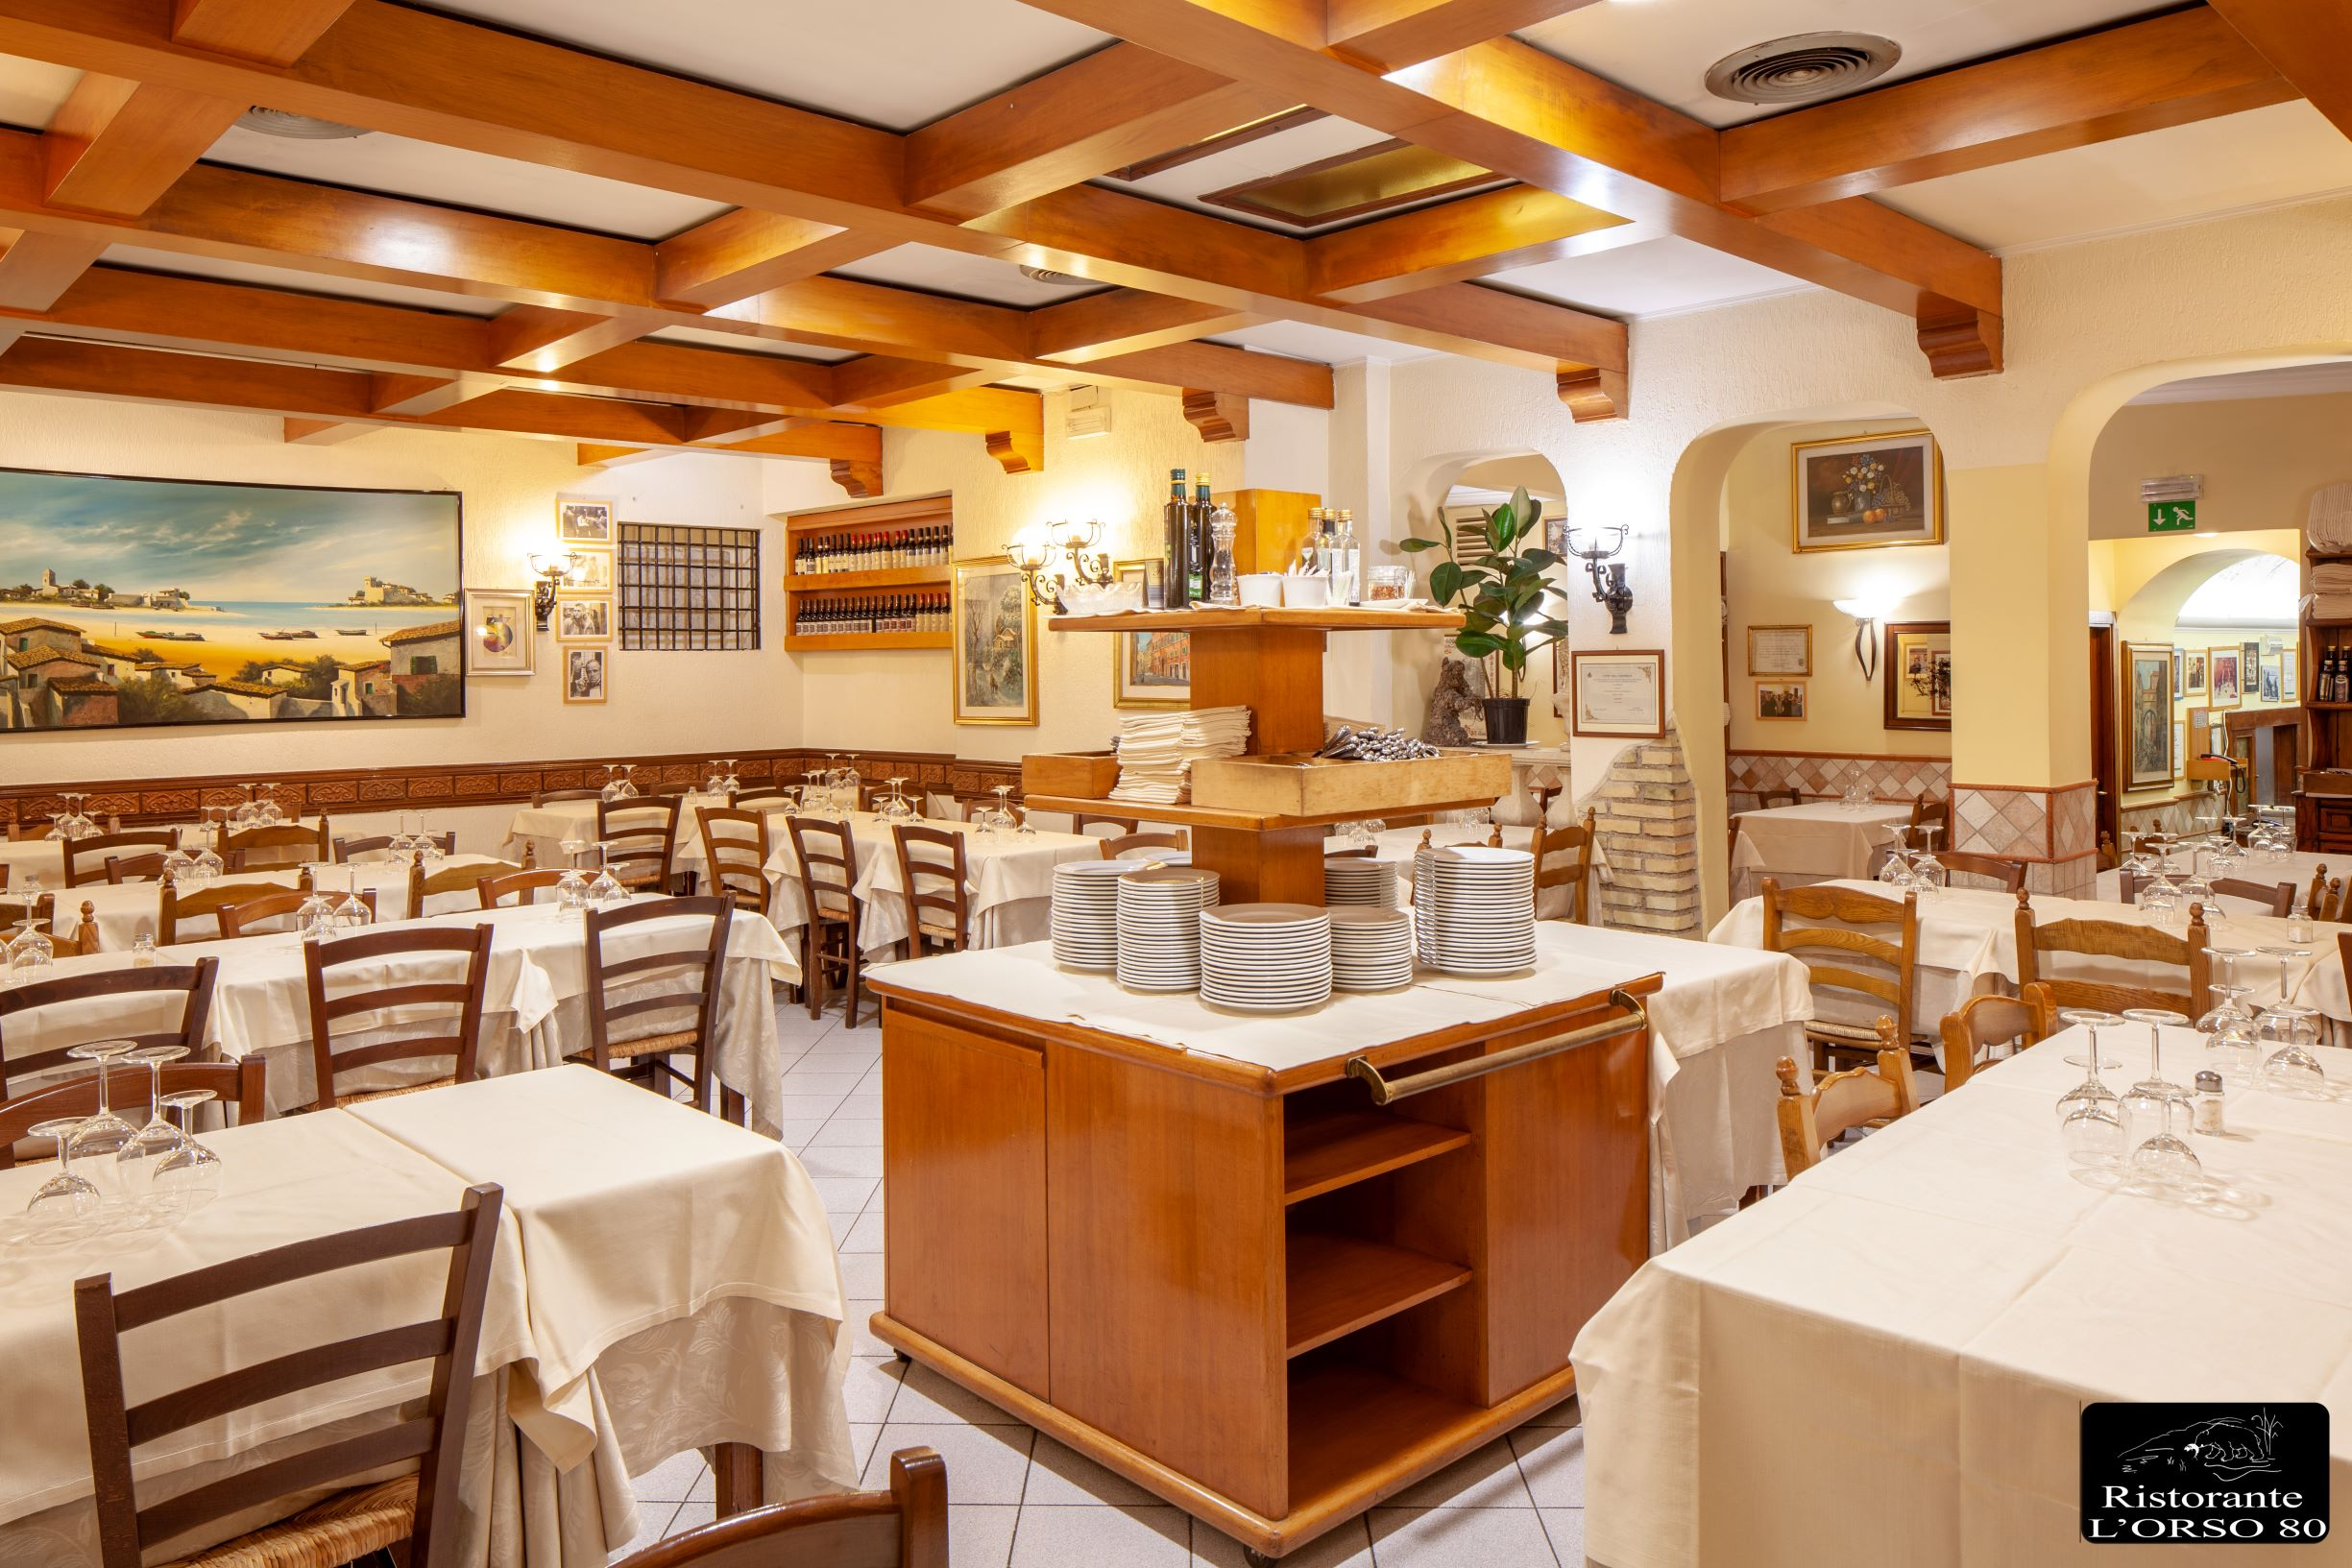 ristorante l orso 80 sala 2